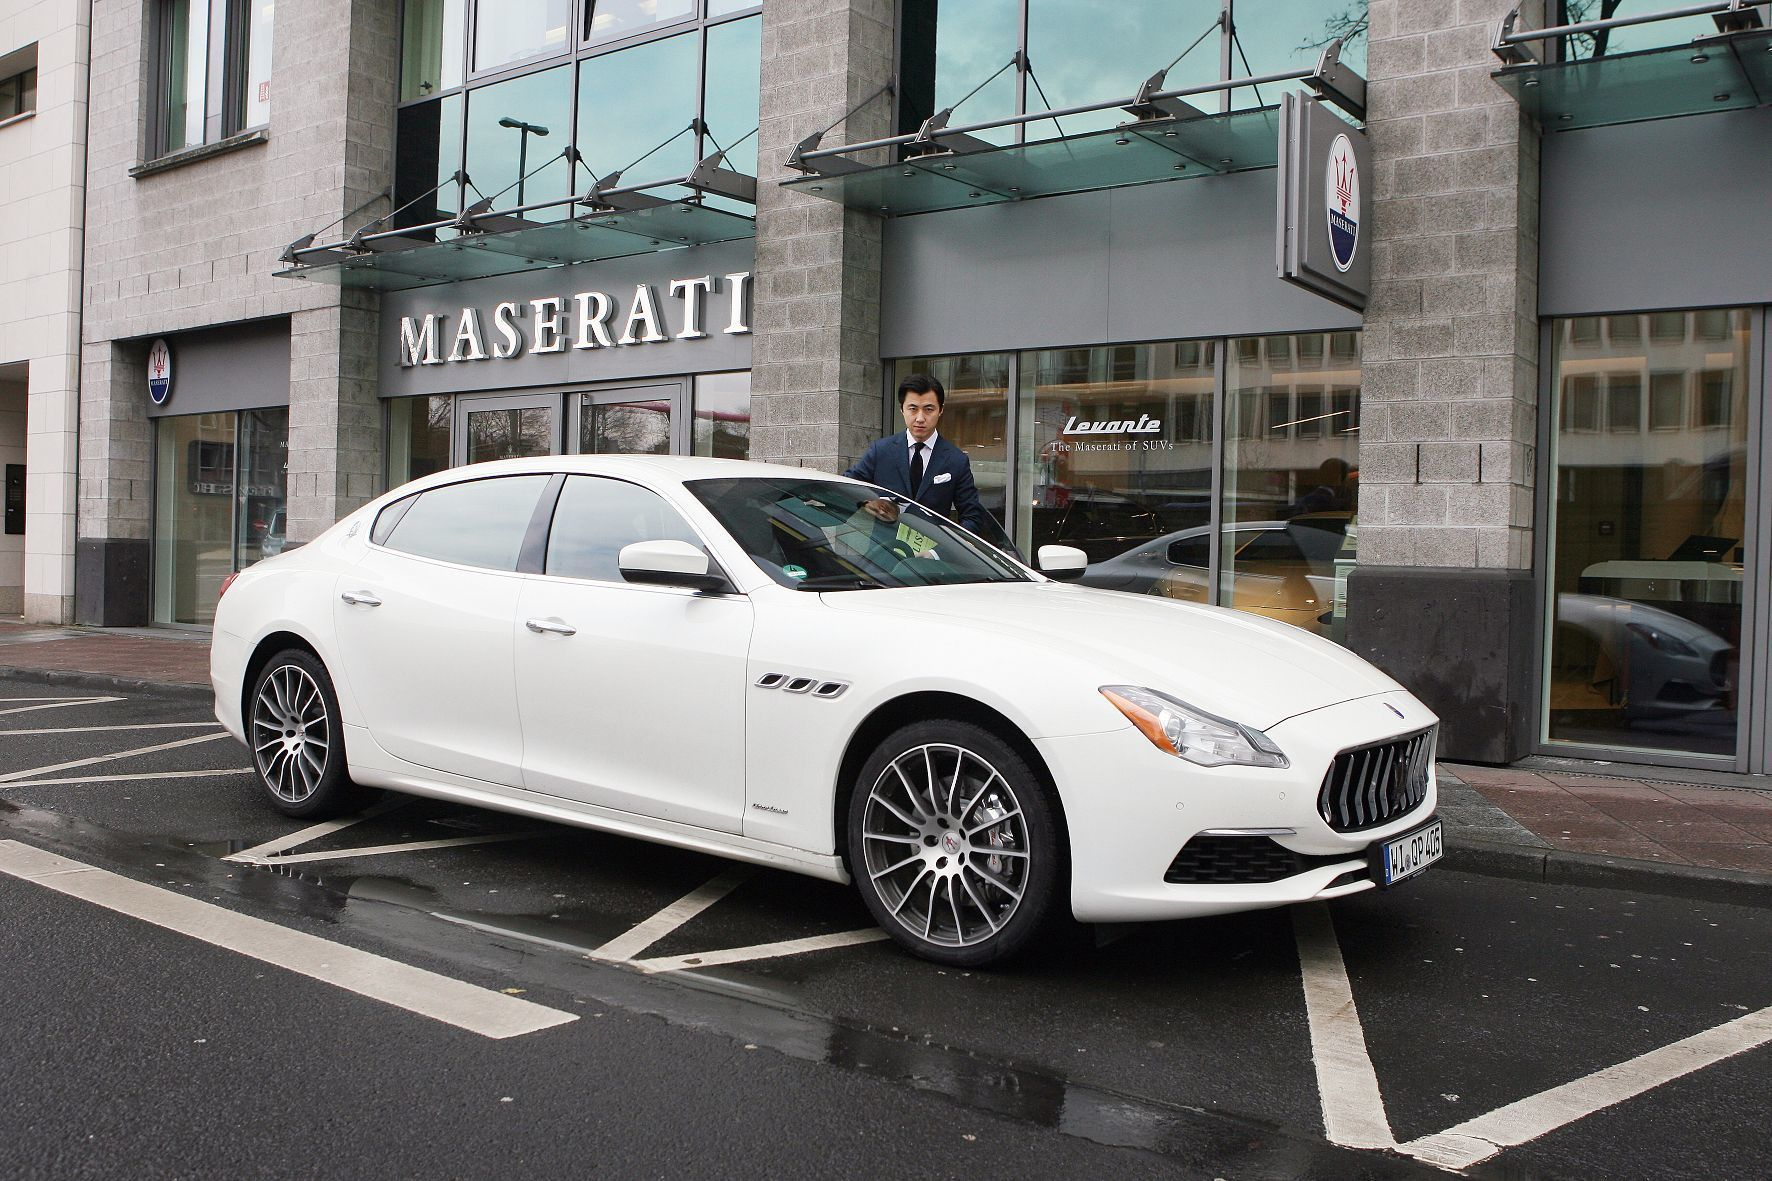 mid Frankfurt am Main - Liebe auf den ersten Blick: Pianist Haiou Zhang und der Maserati Quattroporte.